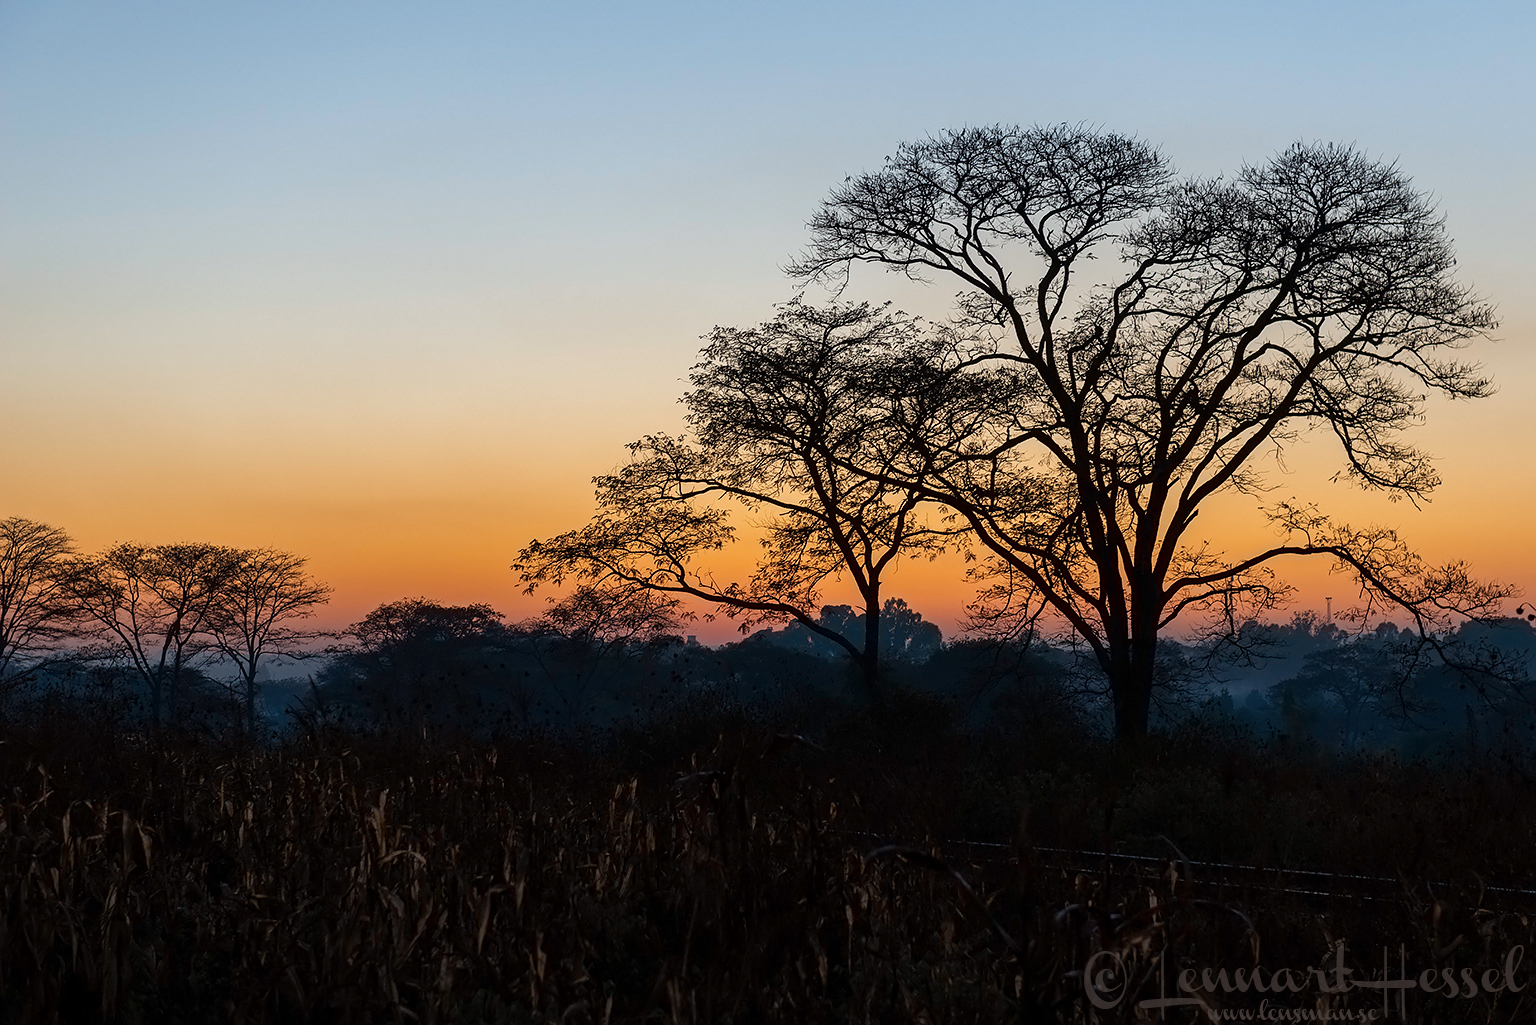 Sunrise Chinhoyi Mana Pools National Park, Zimbabwe